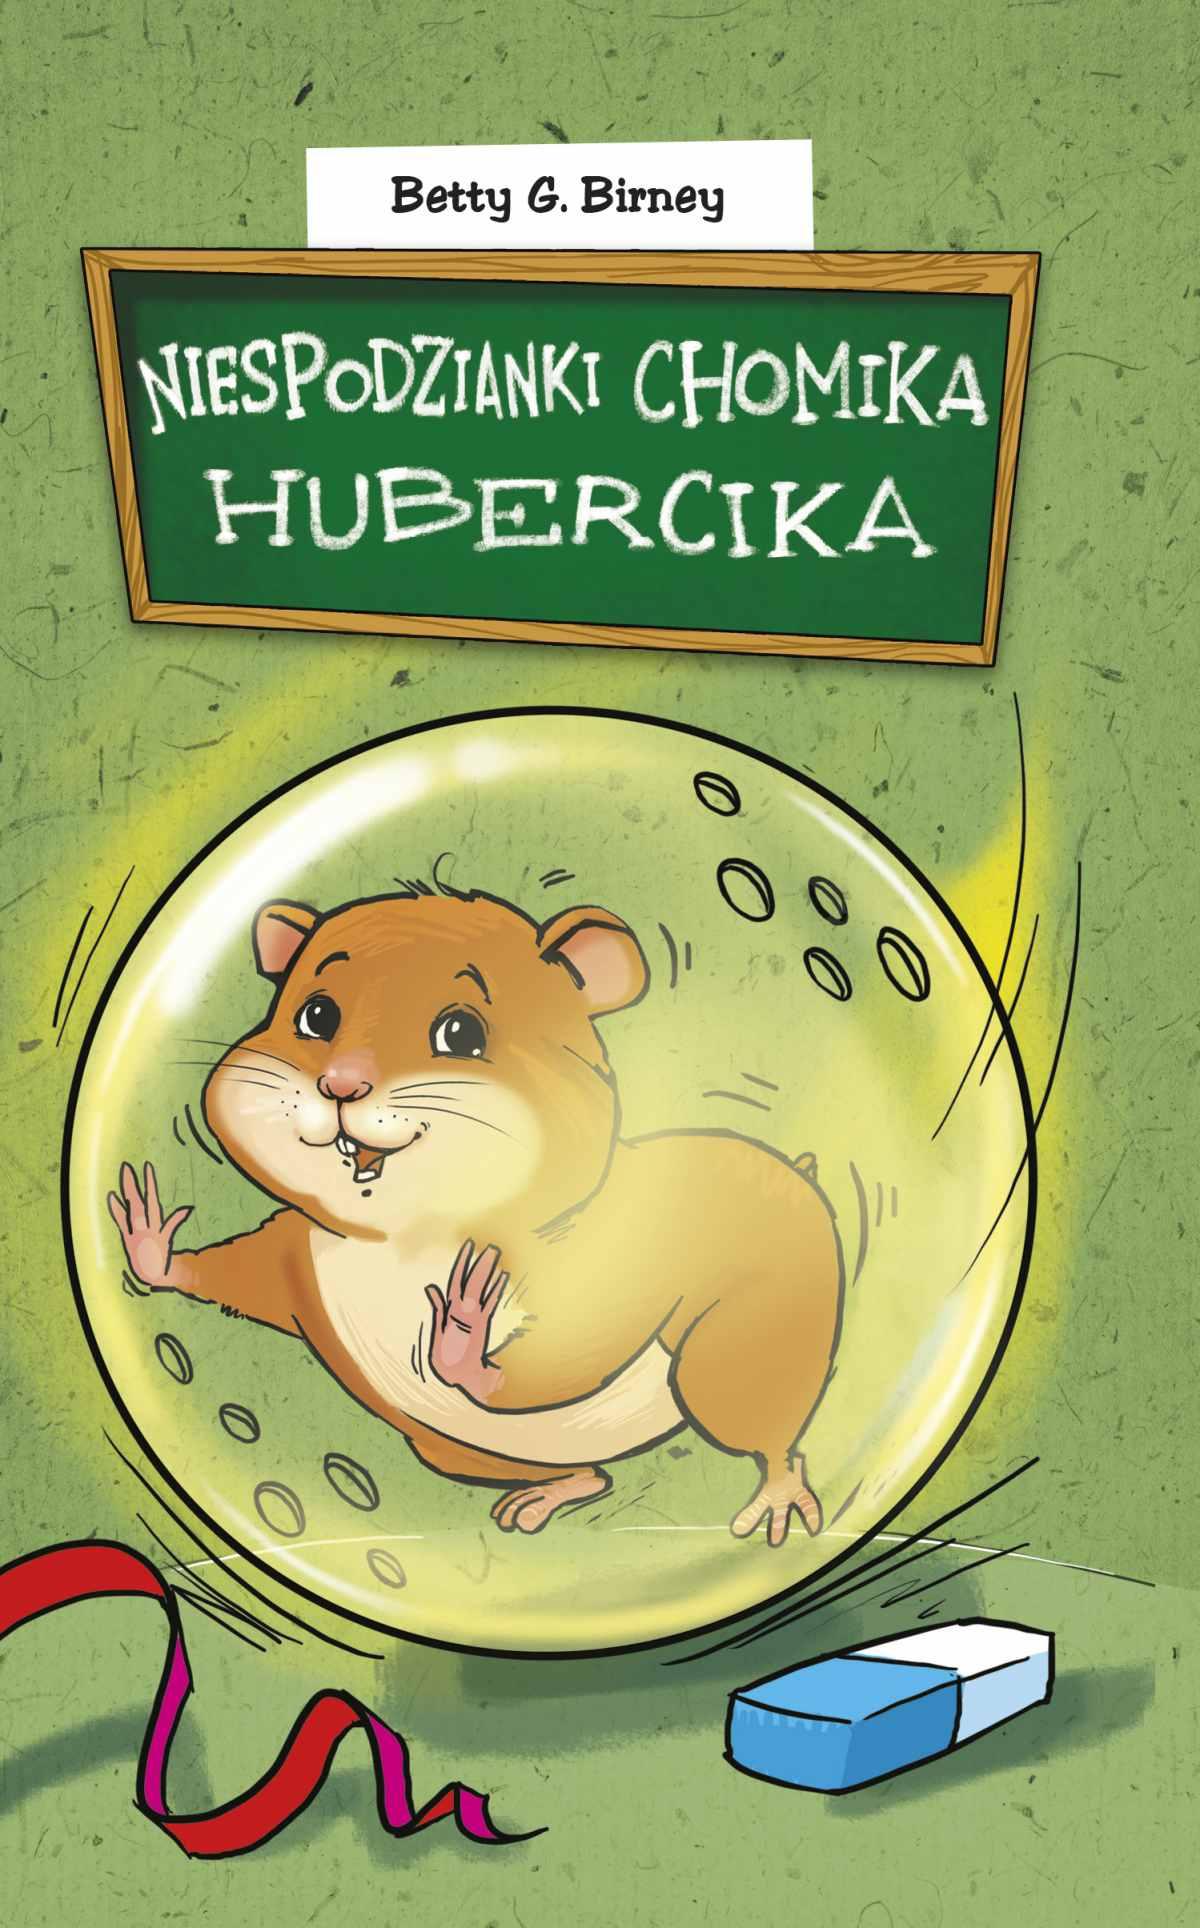 Niespodzianki chomika Hubercika - Ebook (Książka EPUB) do pobrania w formacie EPUB